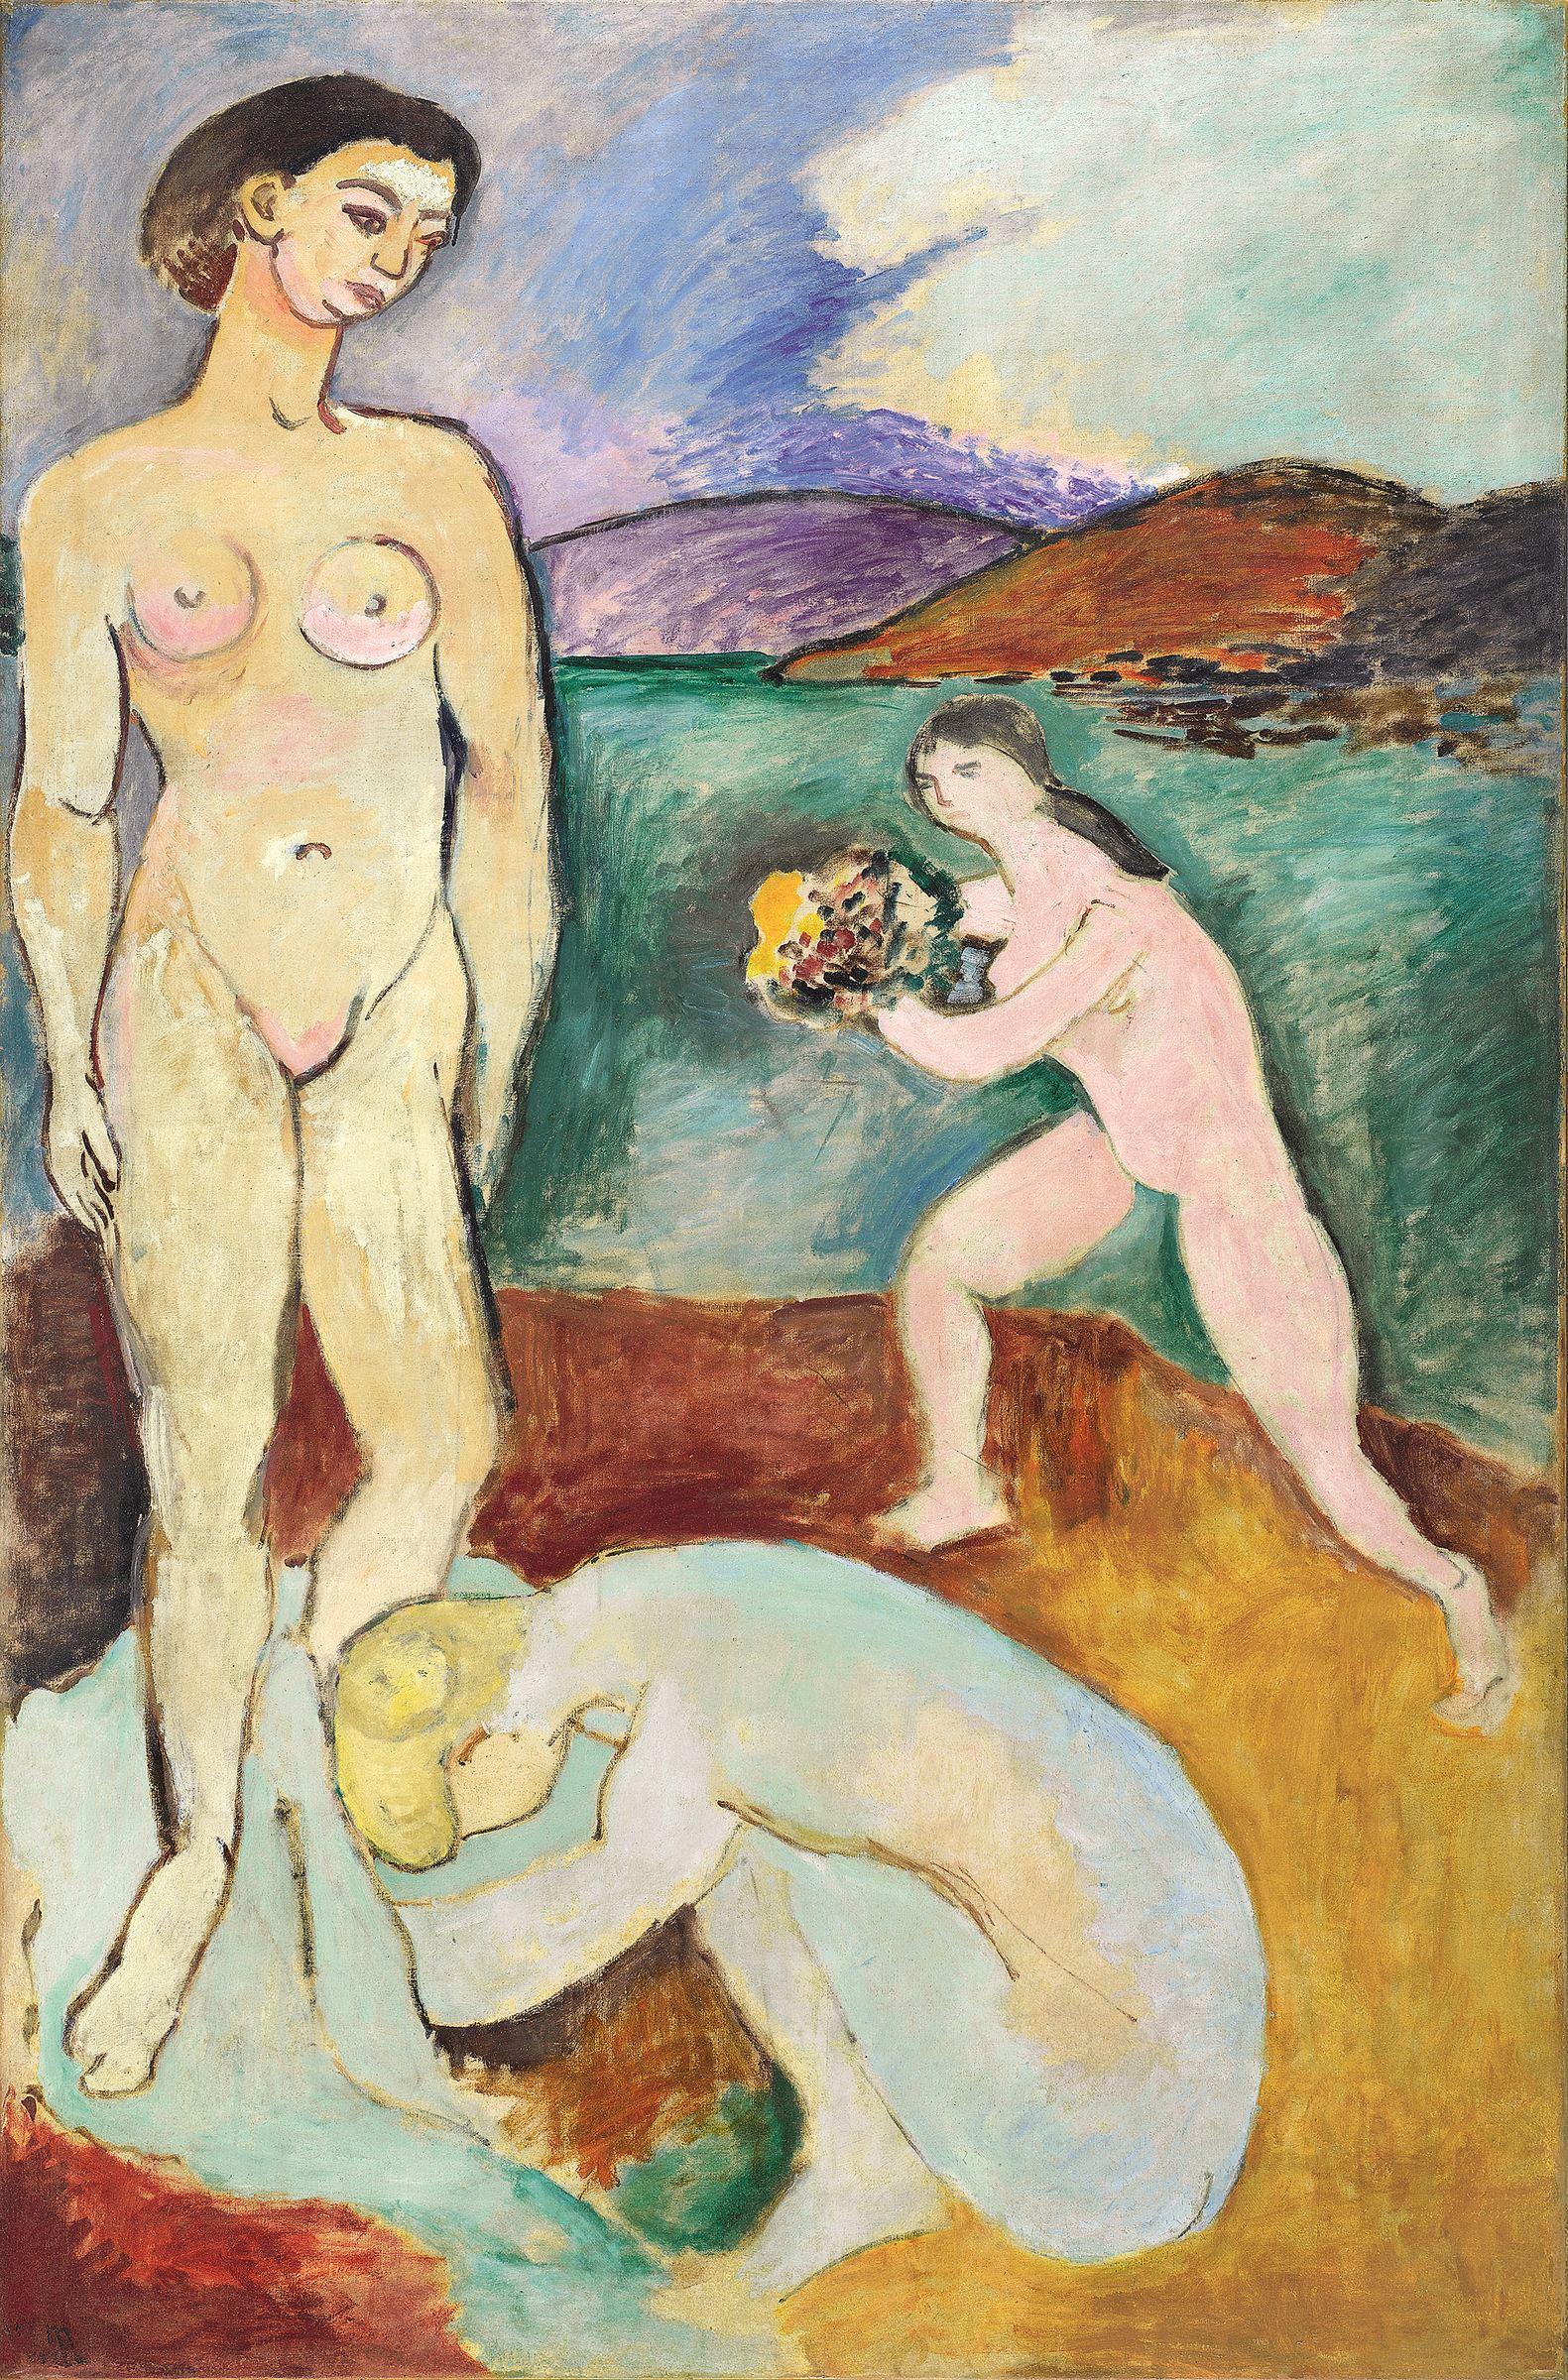 Version retravaillée selon le tableau original et approuvée par les héritiers Matisse.